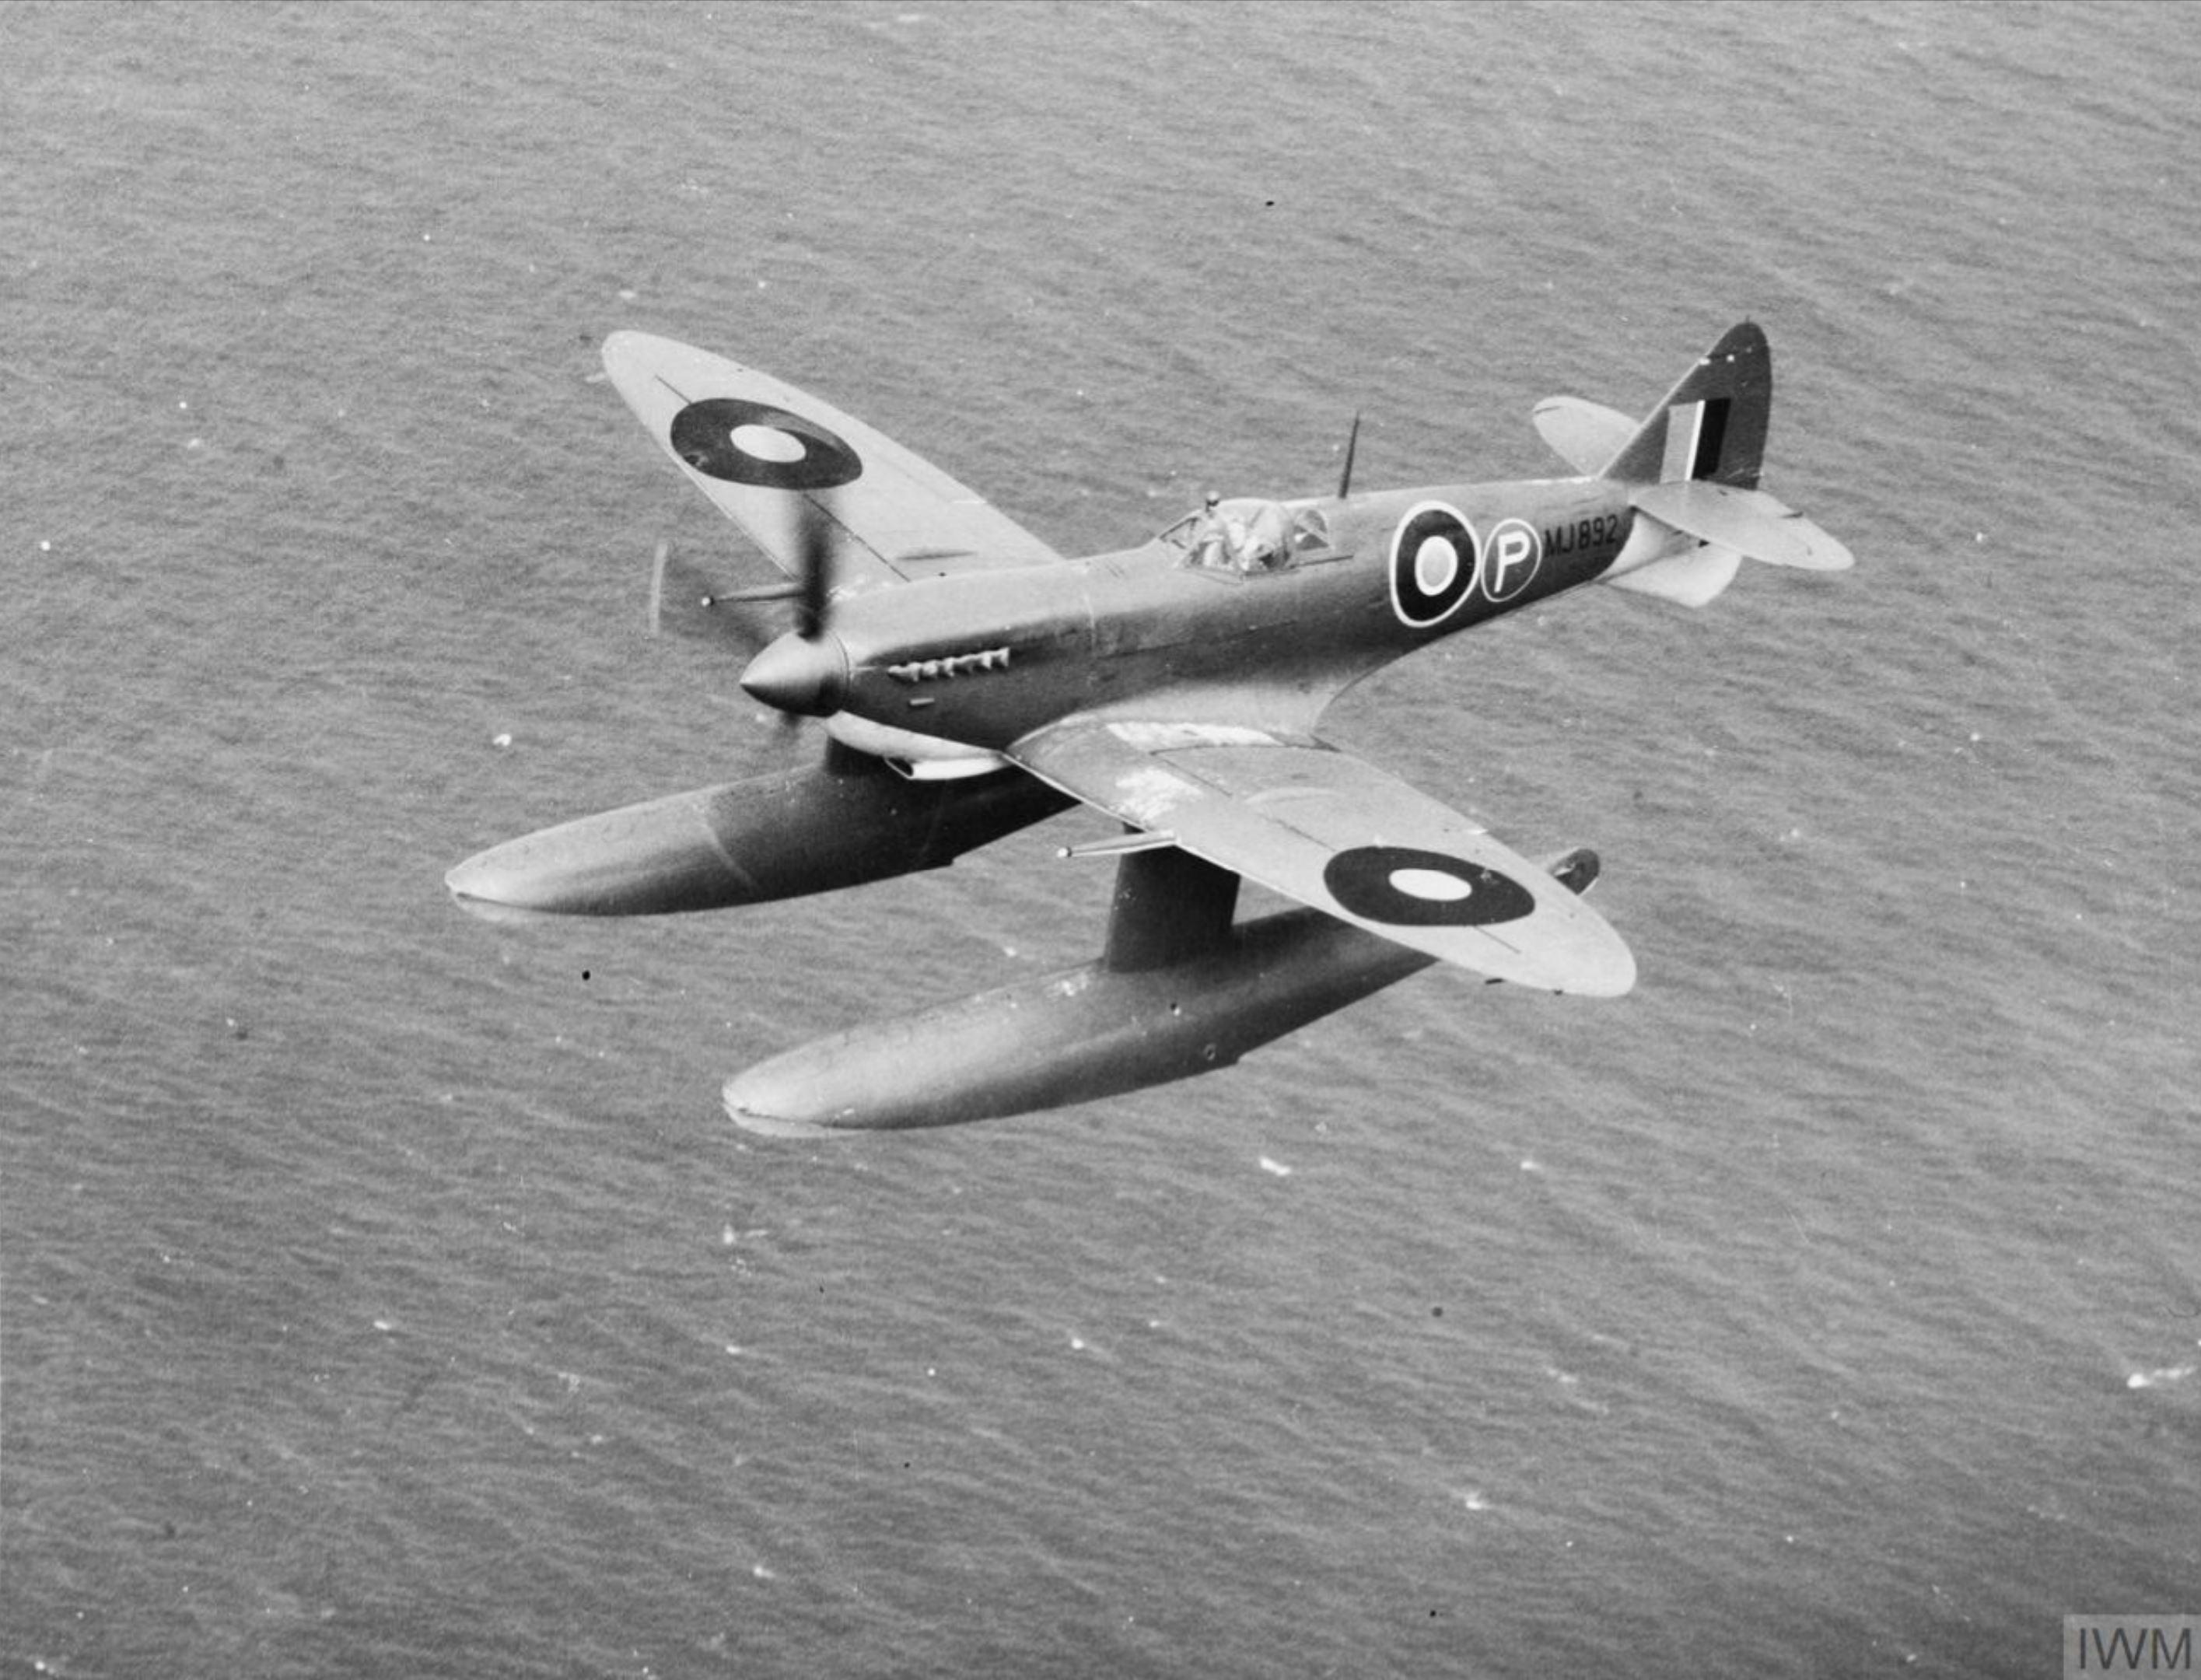 Spitfire Prototype 9 MJ892 floatplane in flight IWM HU1675